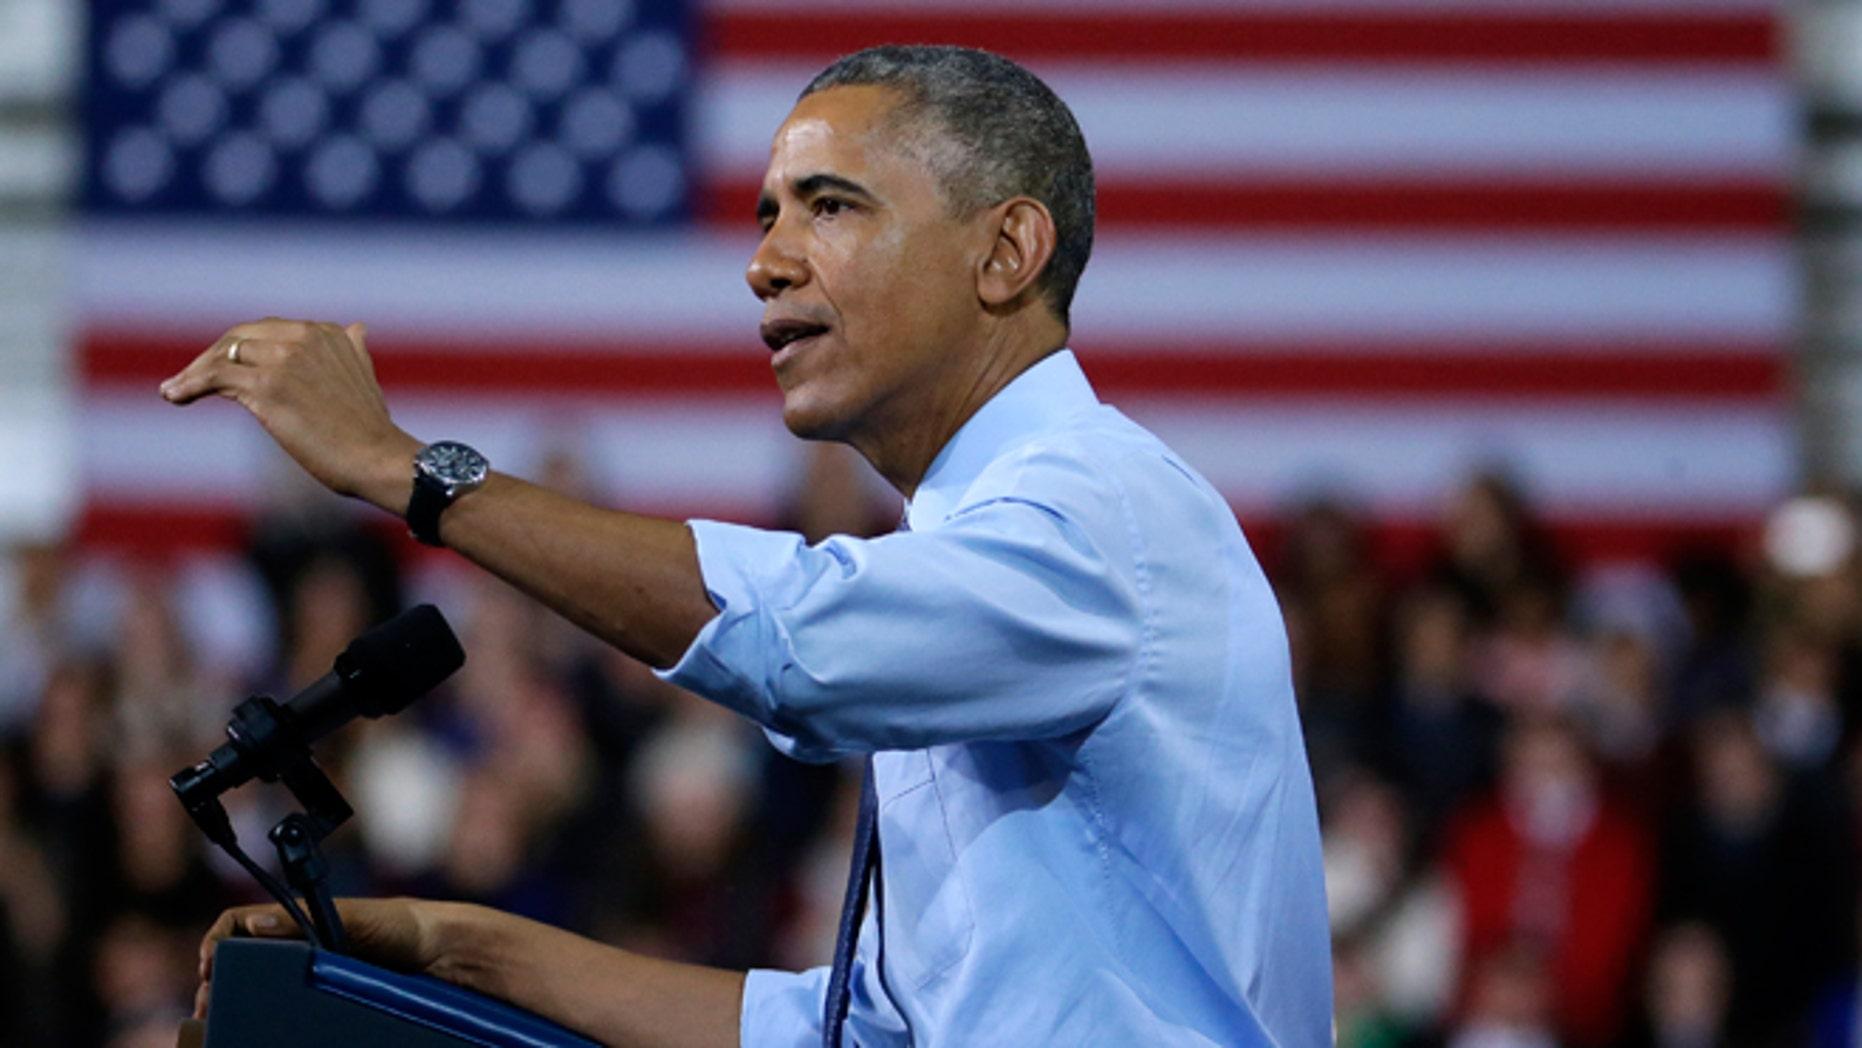 FILE -- Jan. 22, 2015: President Obama speaks during a visit to the University of Kansas in Lawrence, Kansas.